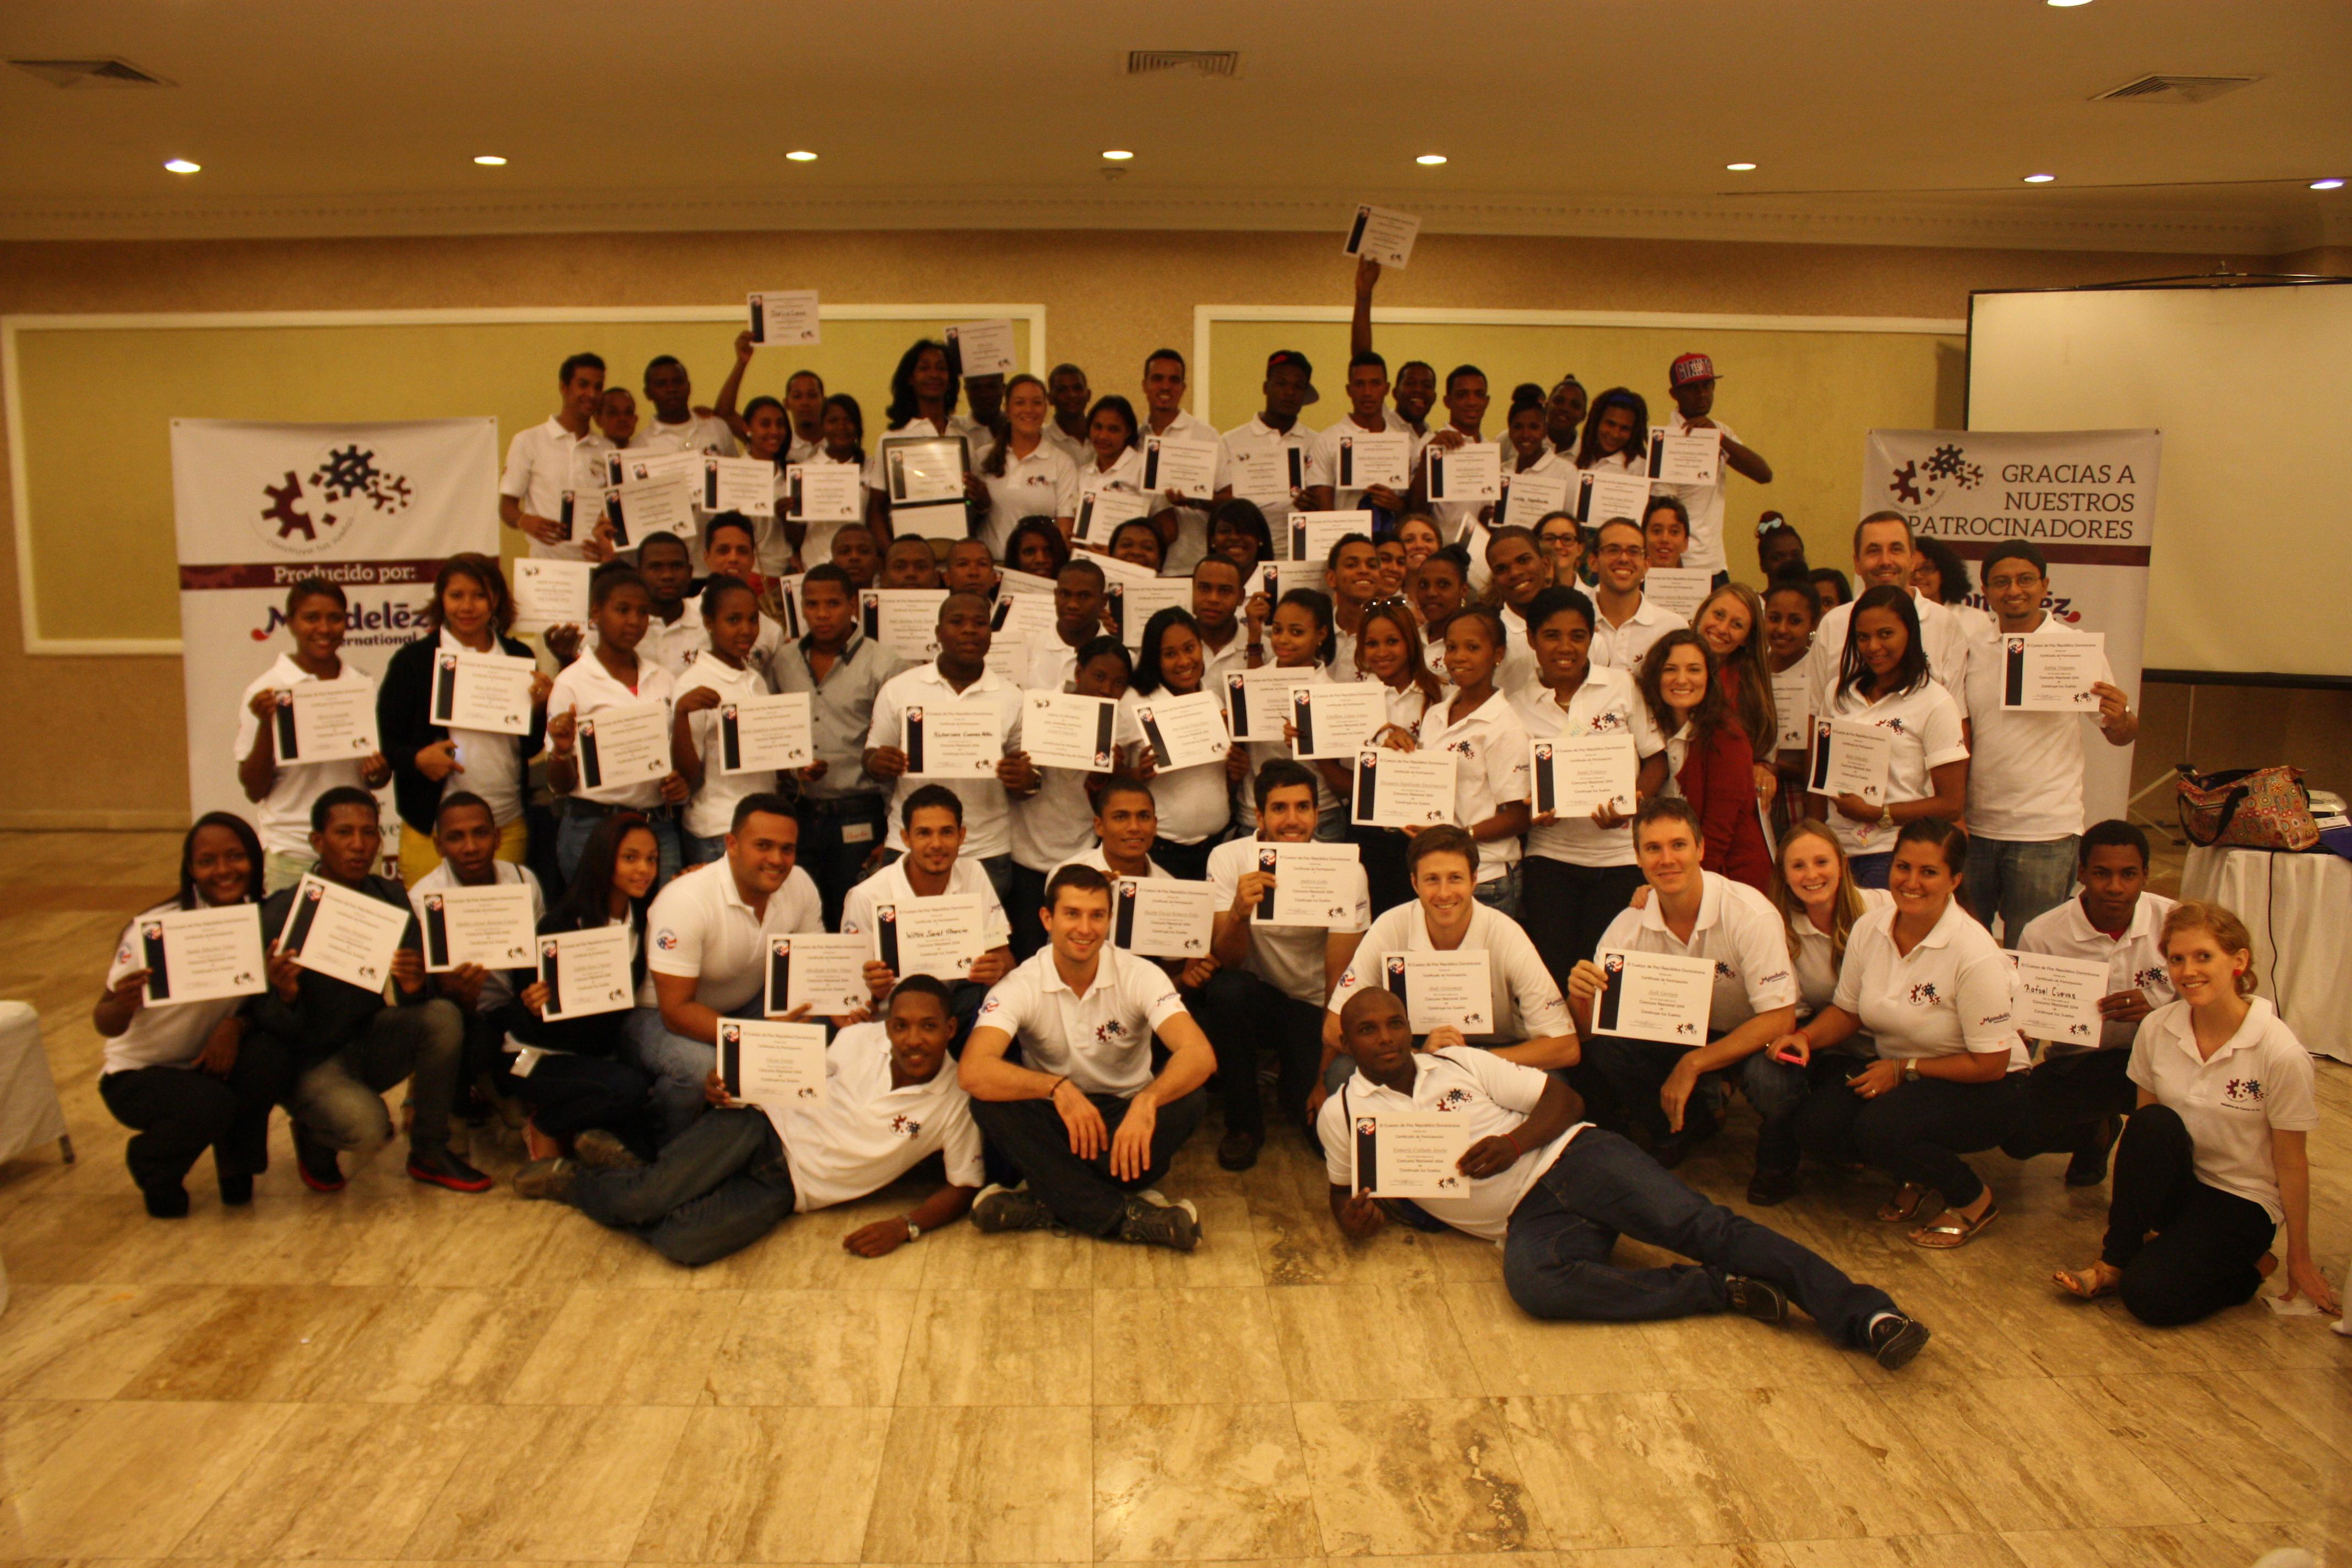 Cuerpo de paz celebró su gran competencia